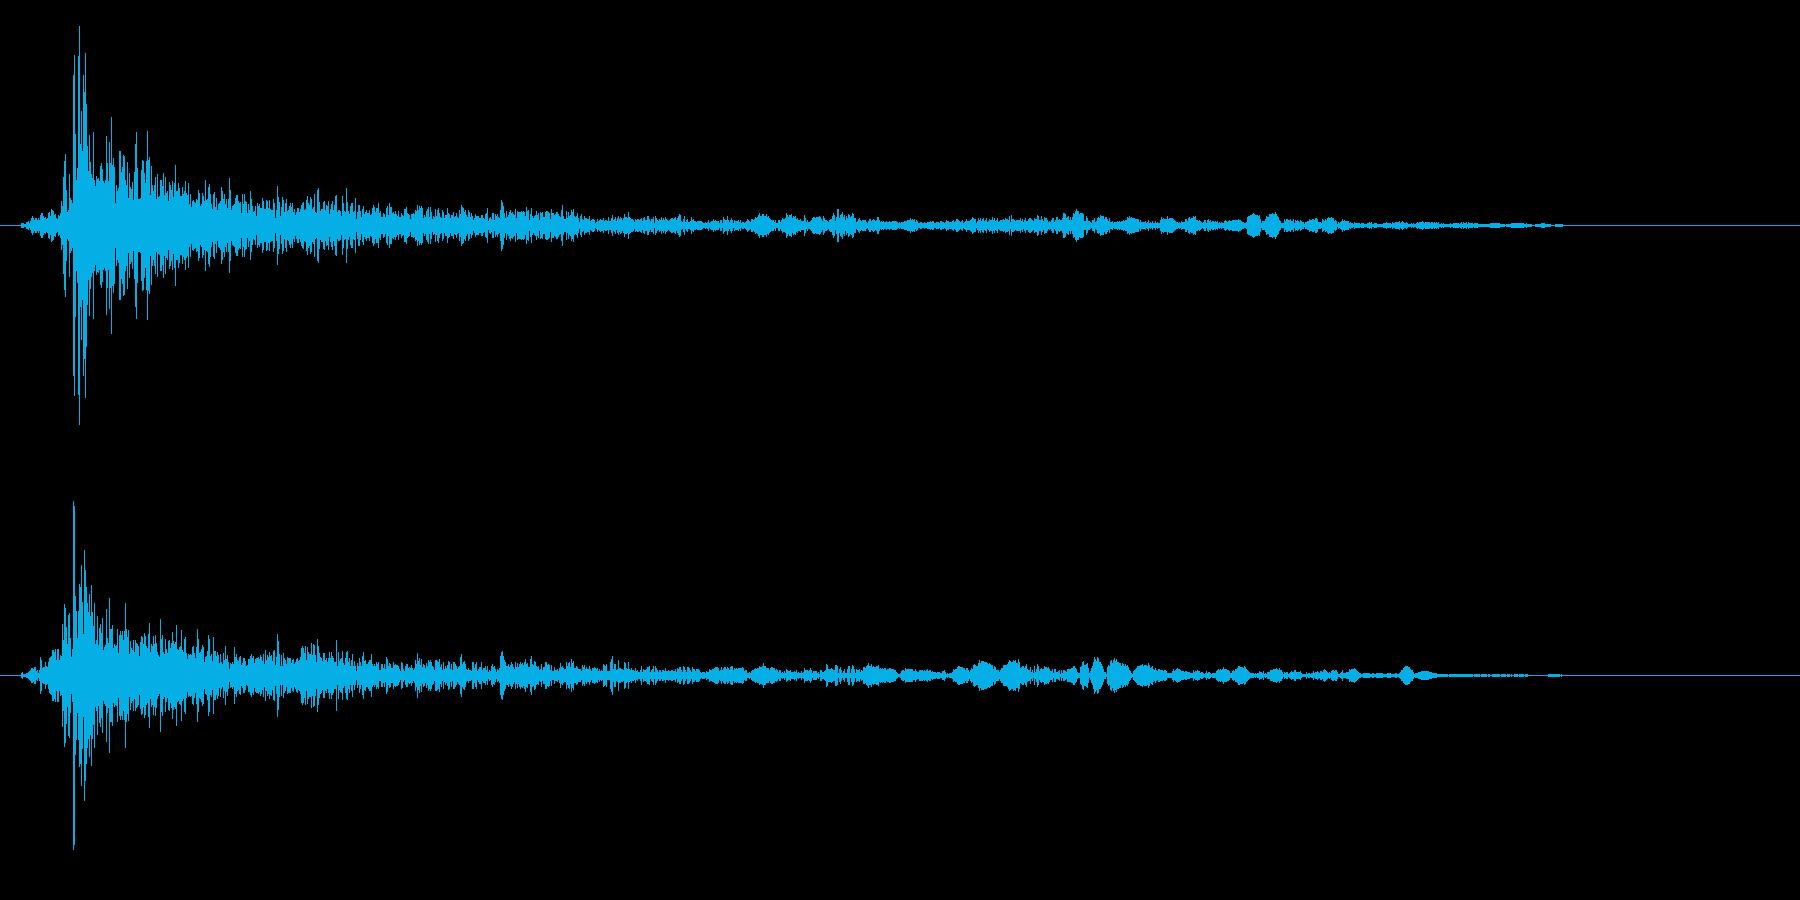 バーン(金属を叩く音)の再生済みの波形